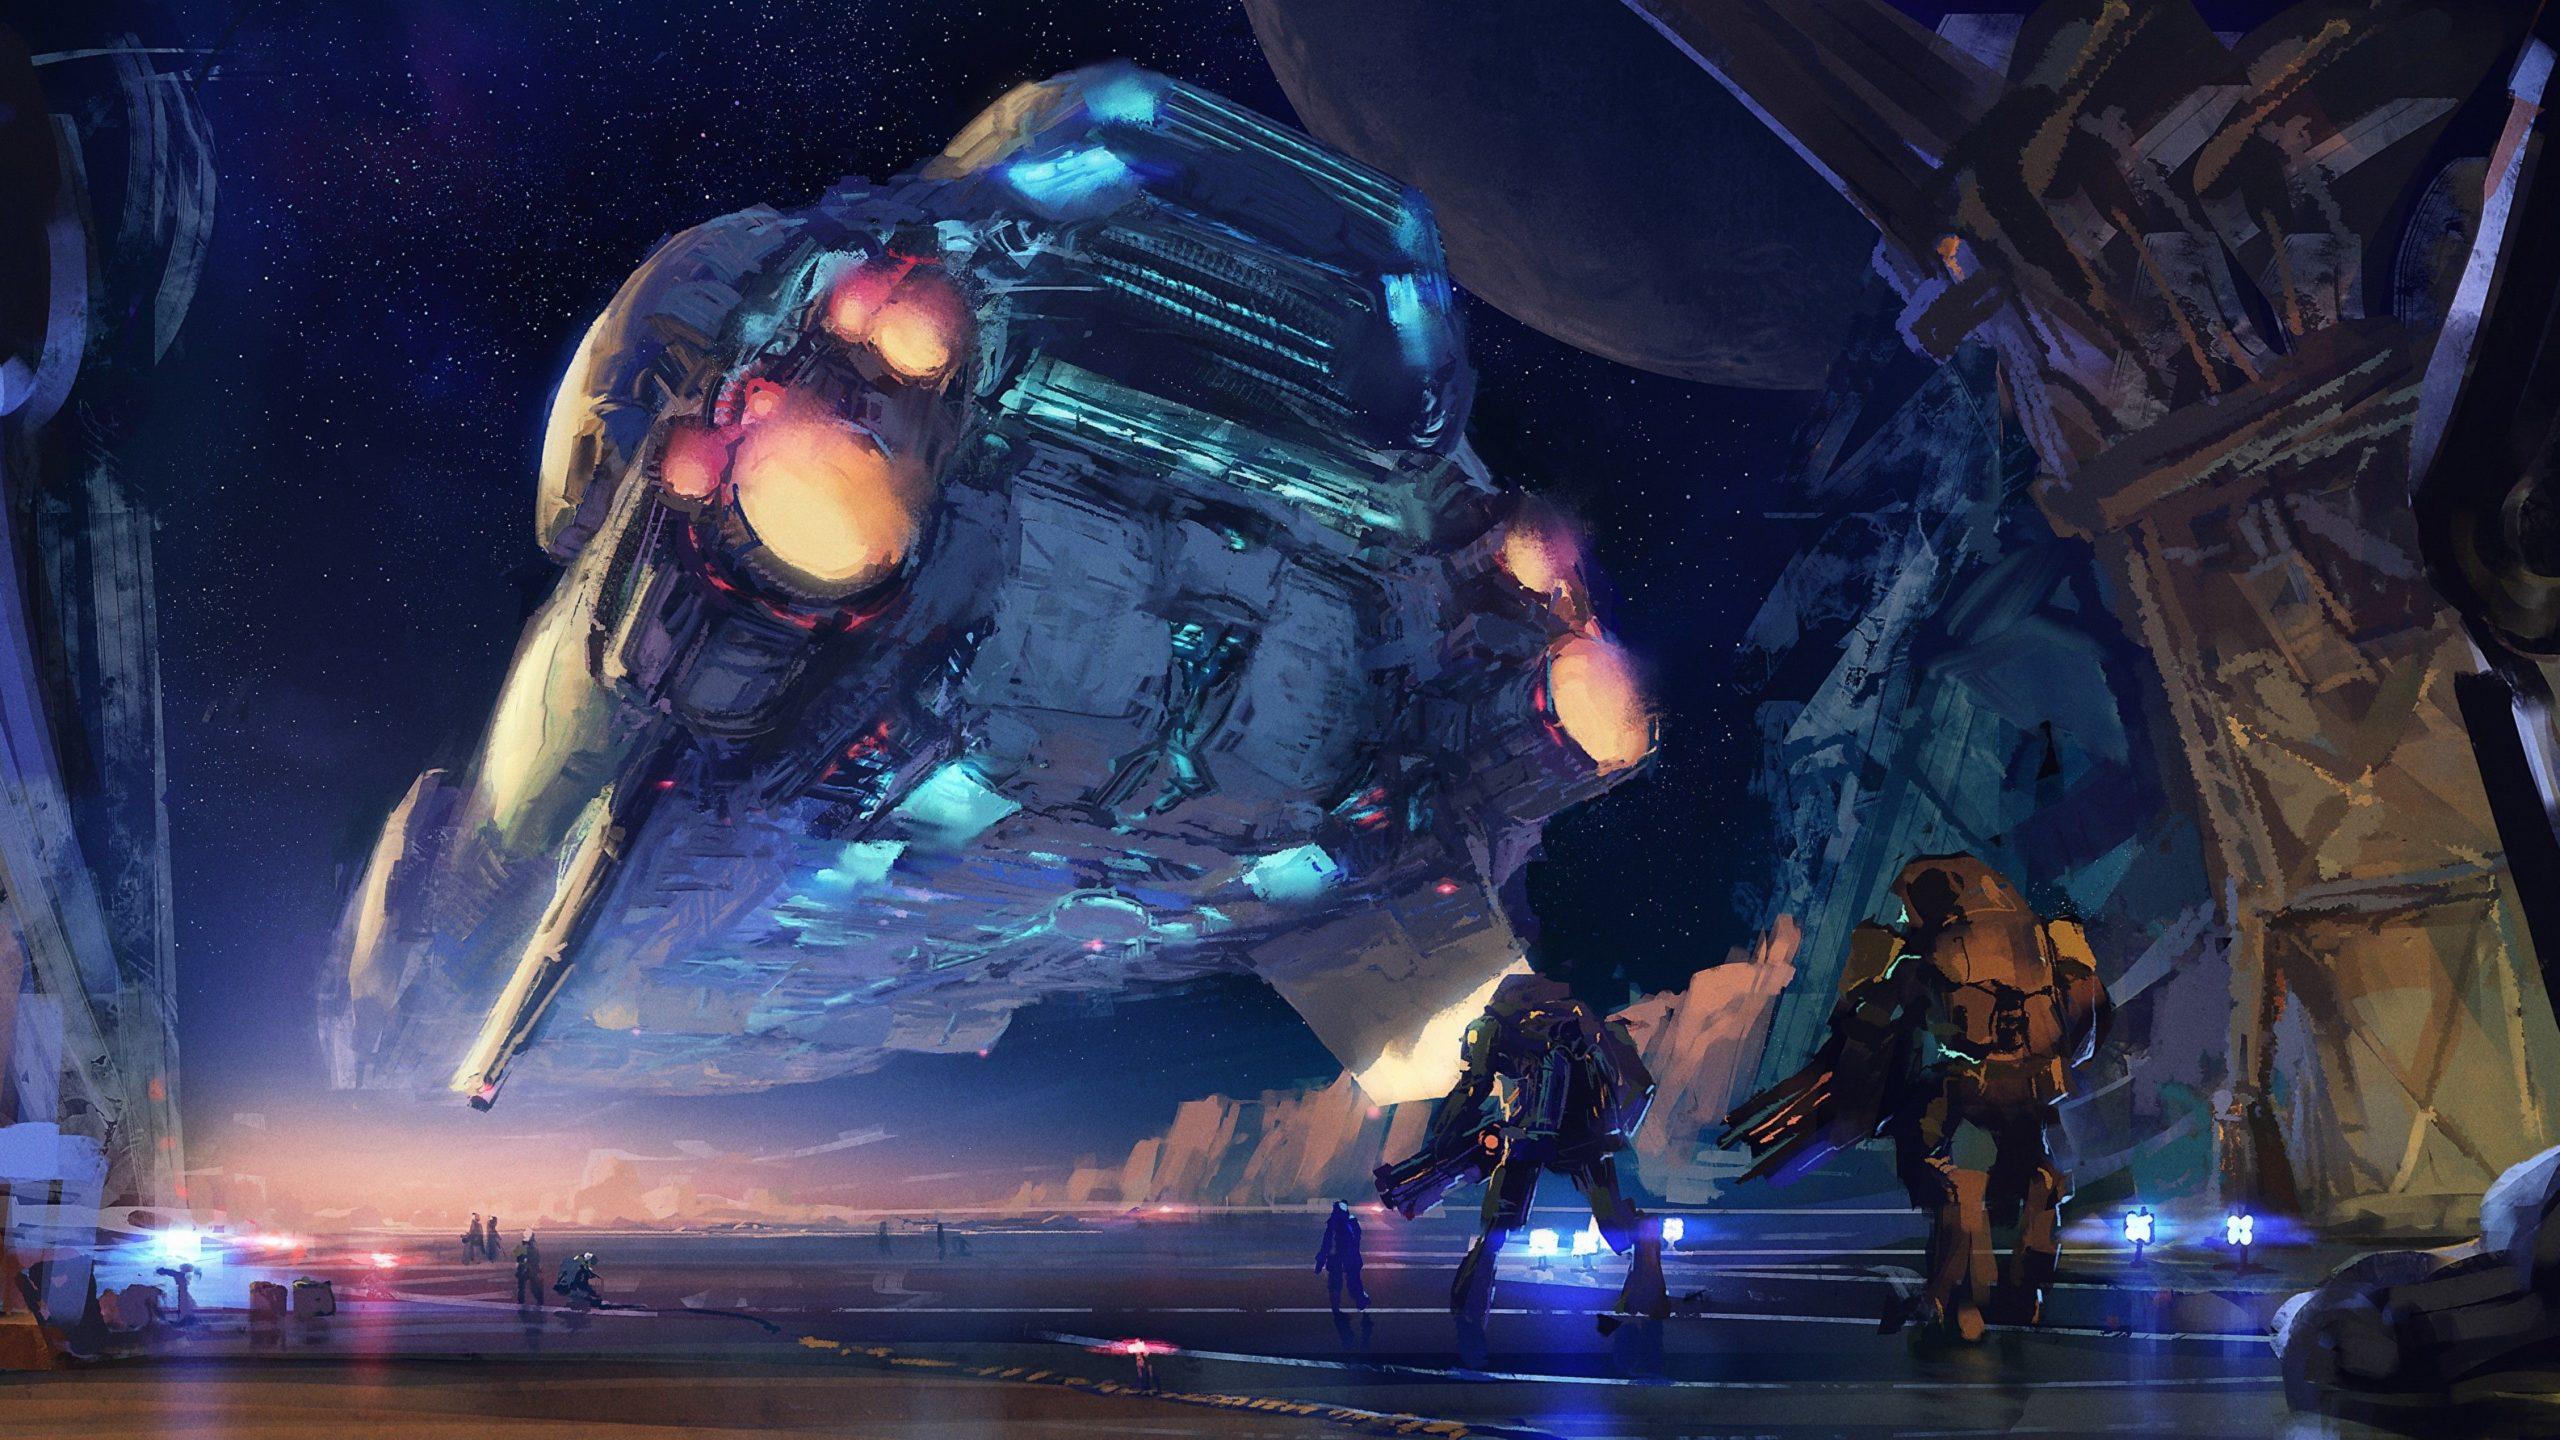 pictures of alien spaceships